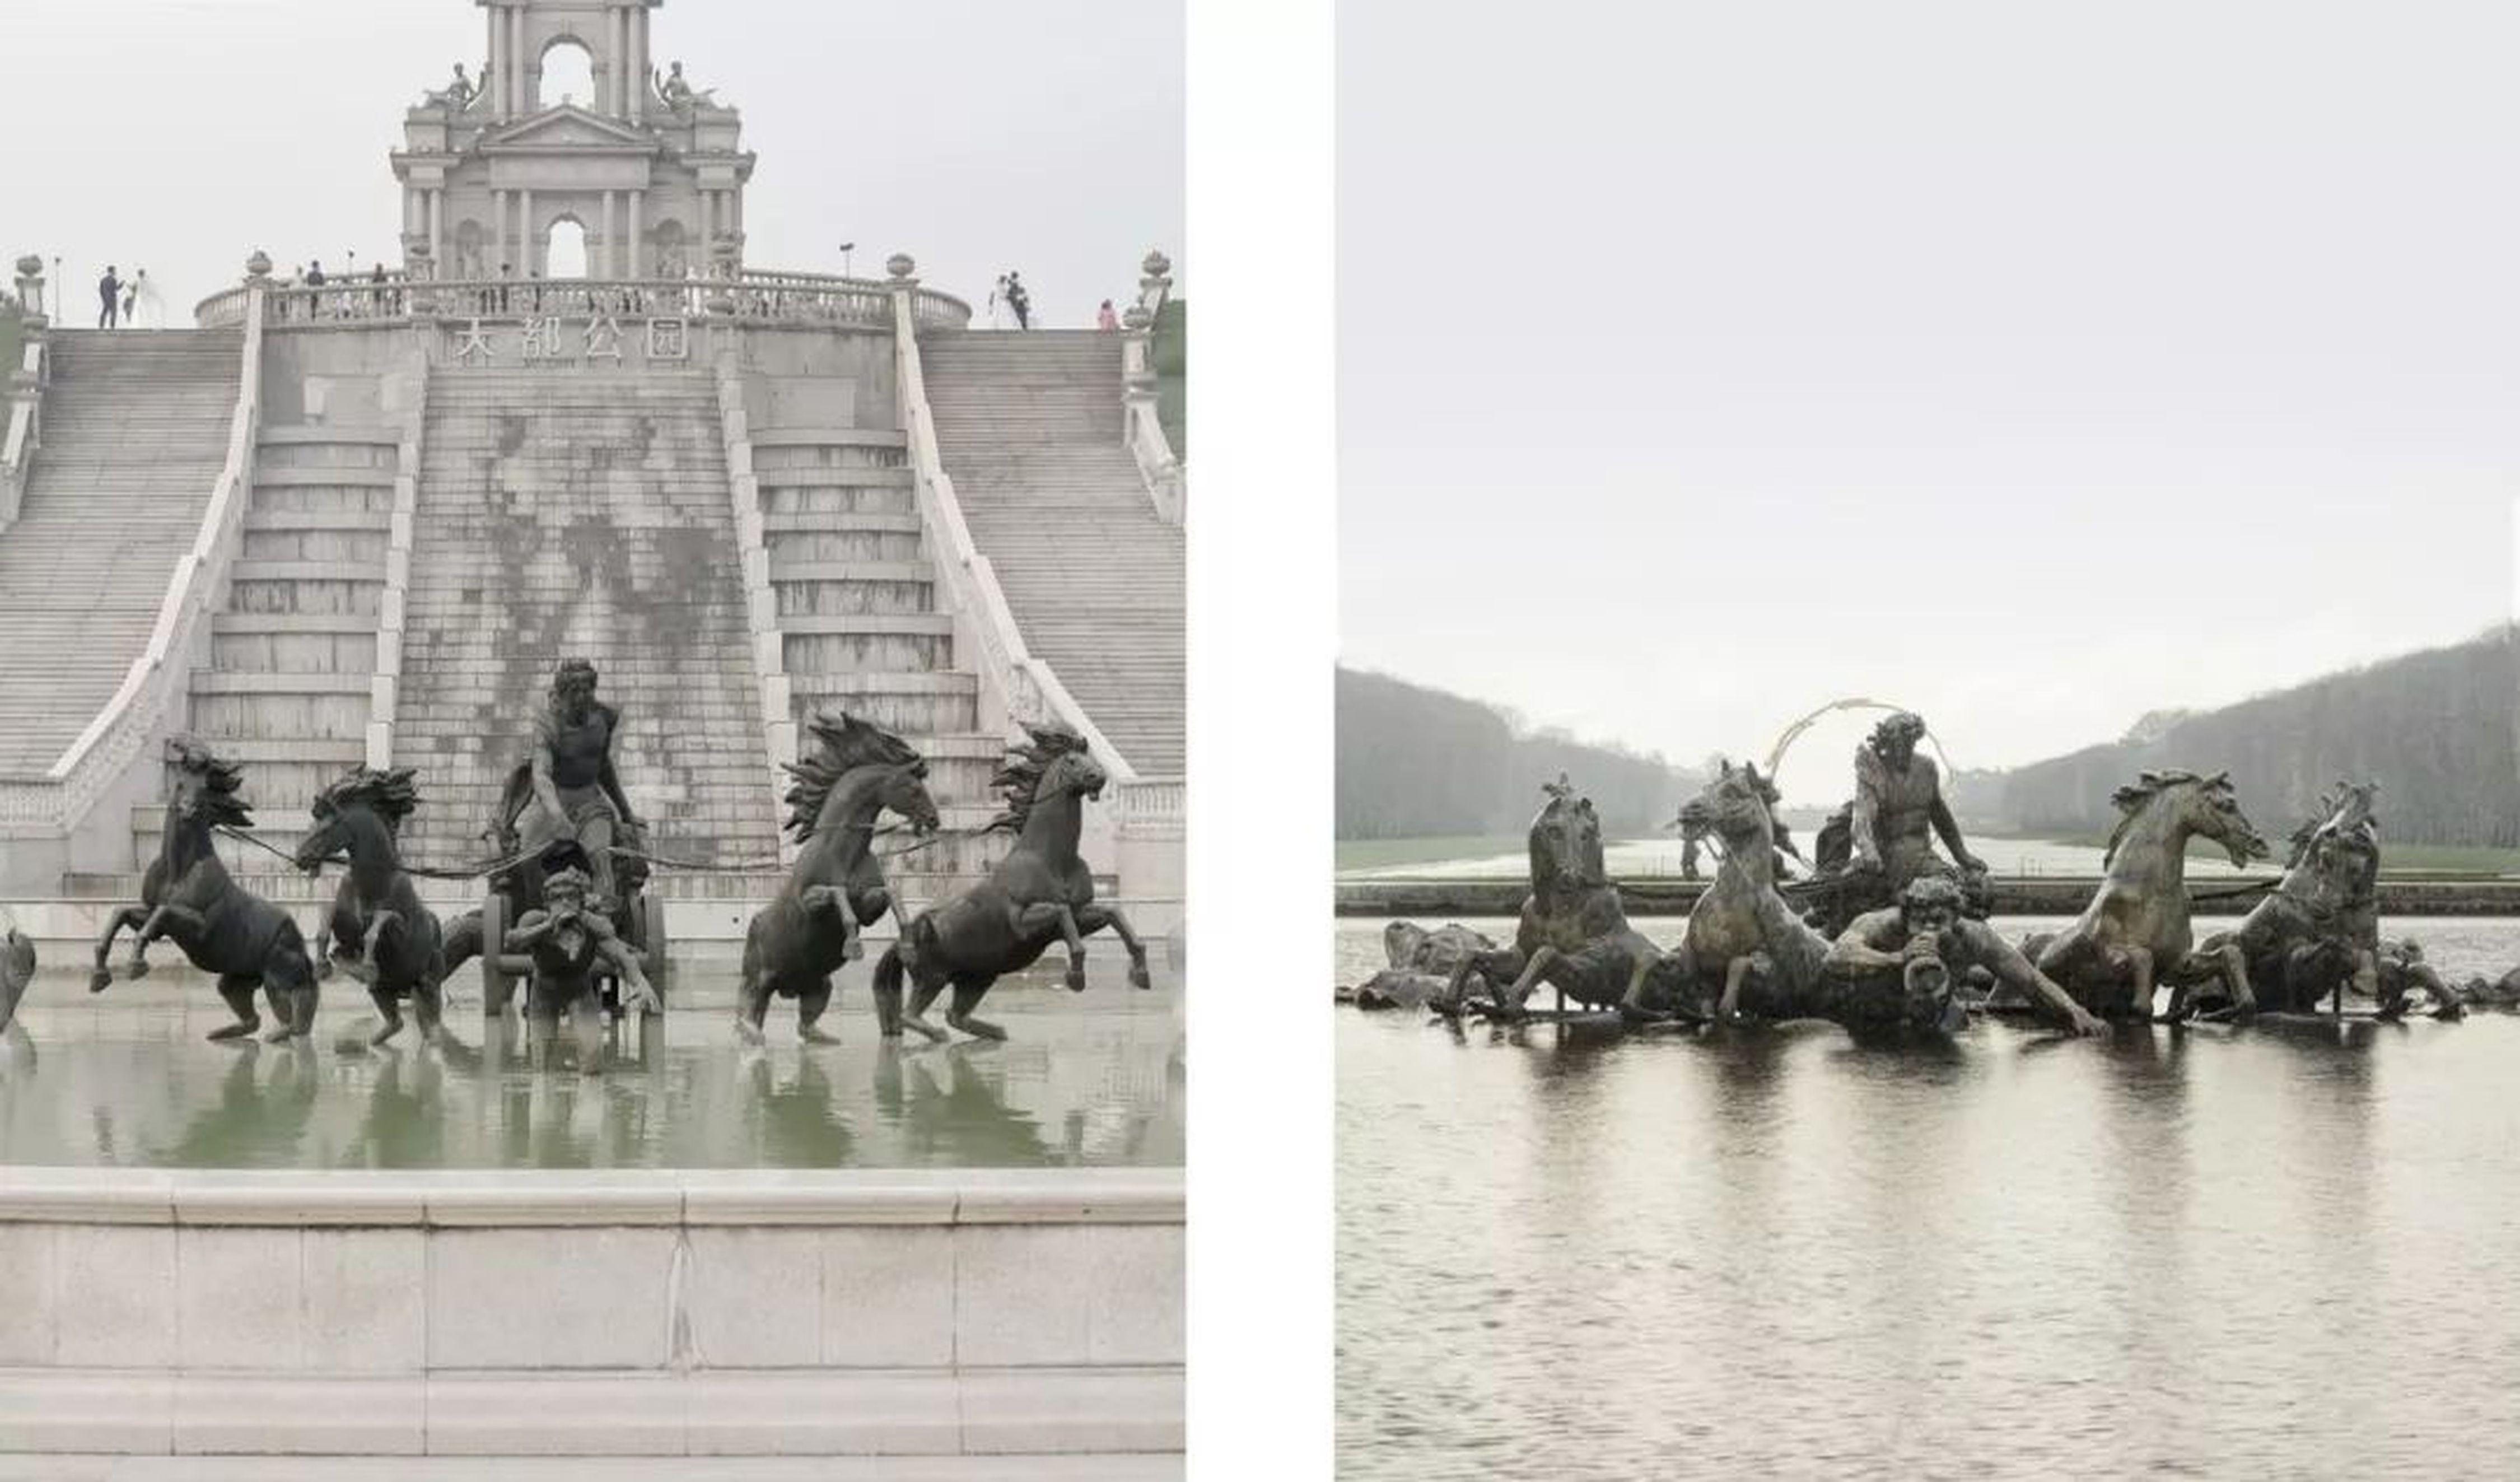 天都公園內的噴泉(左)和法國凡爾賽宮內的噴泉(右)相似度極高。(取材自微信)